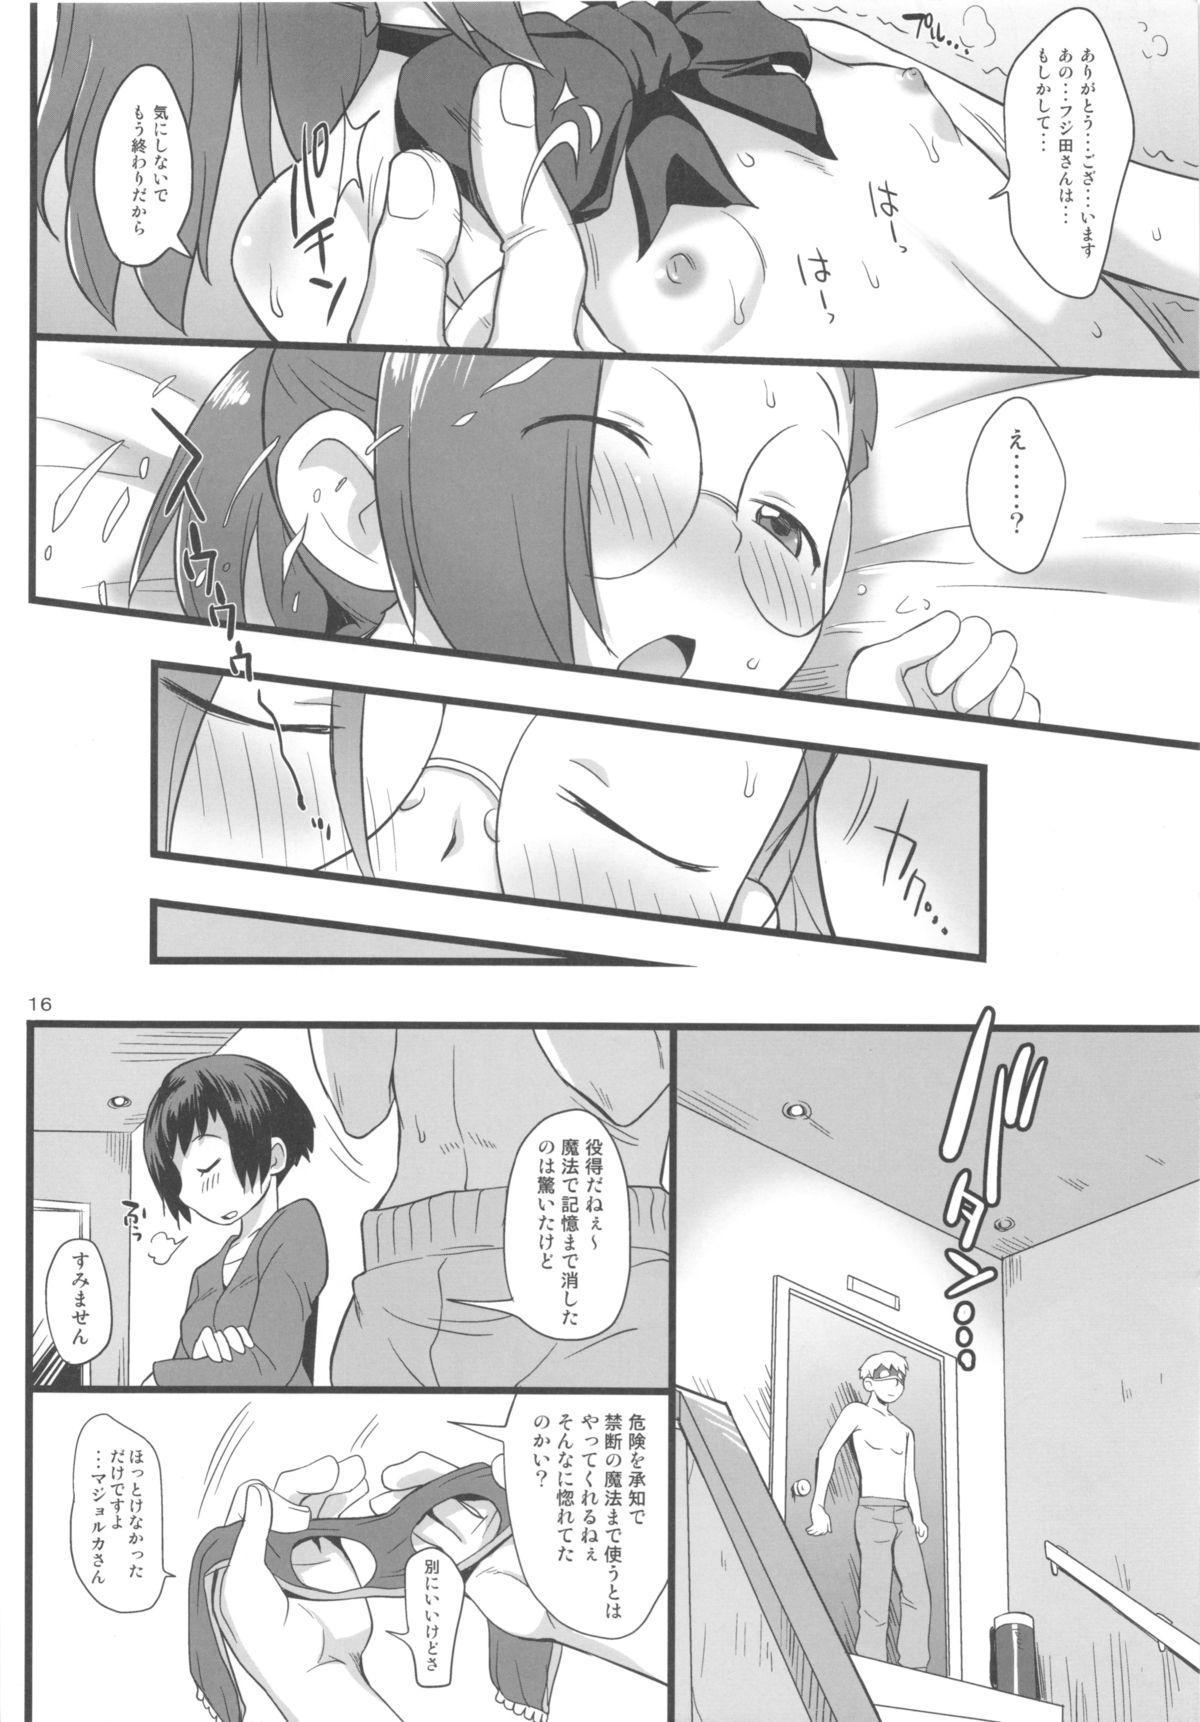 Watashi no Jikan Yuugure 15